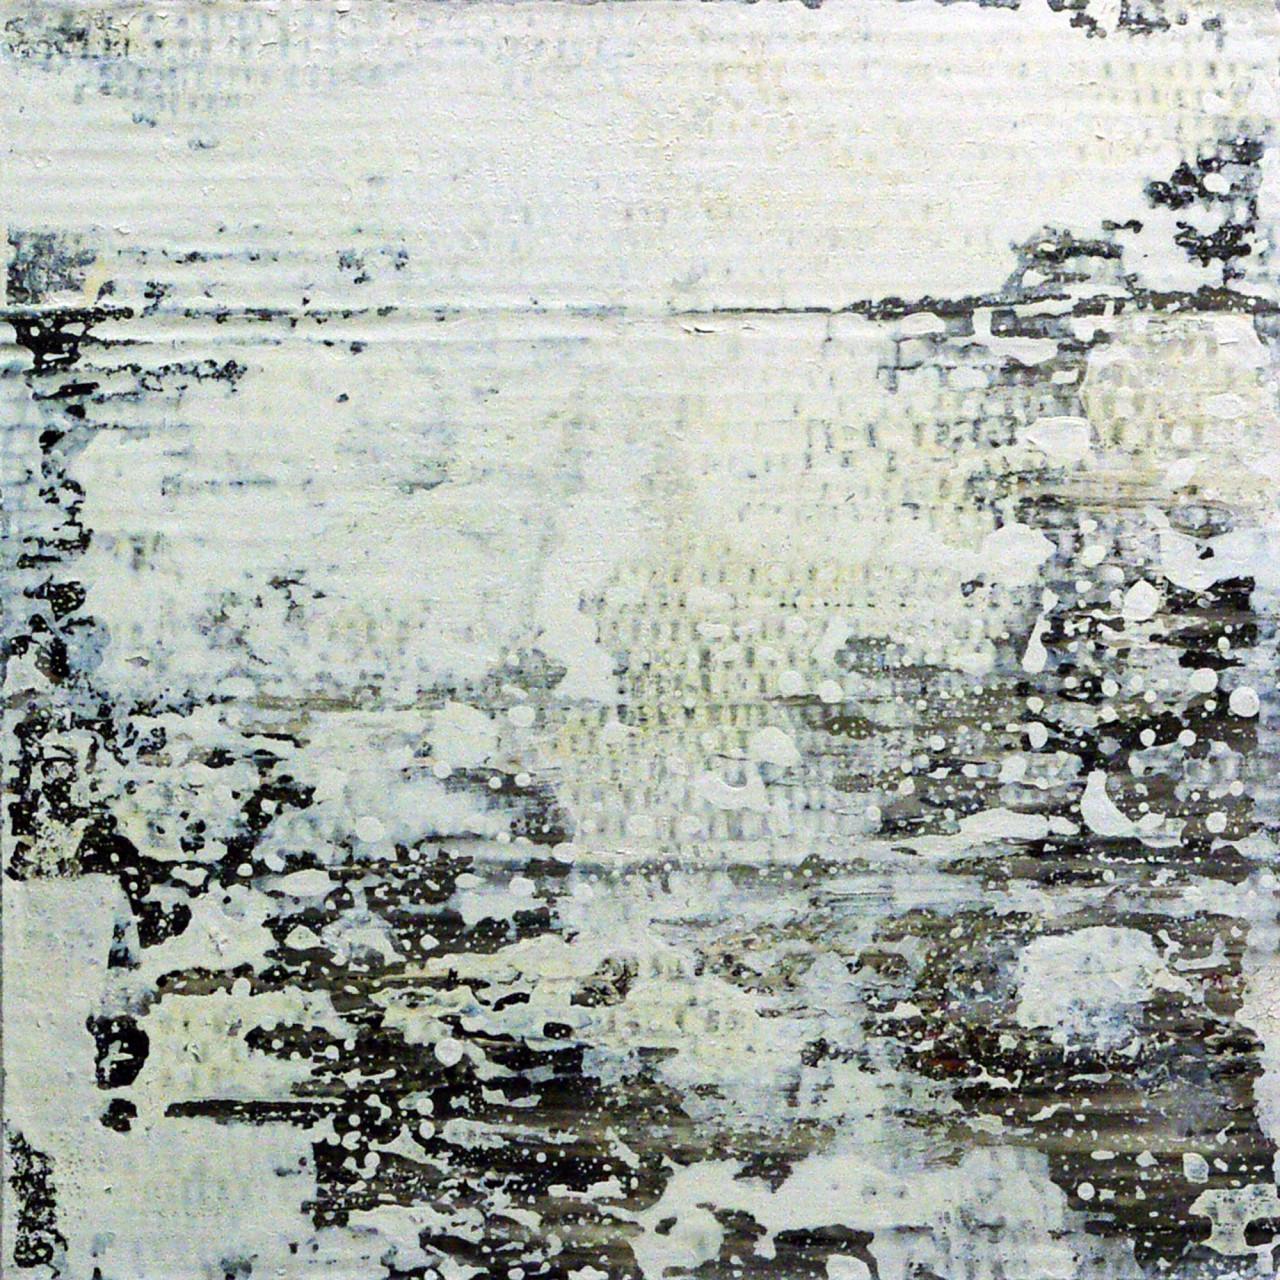 654, 2015 olio e smalto su cartone su tavola 30x30 cm